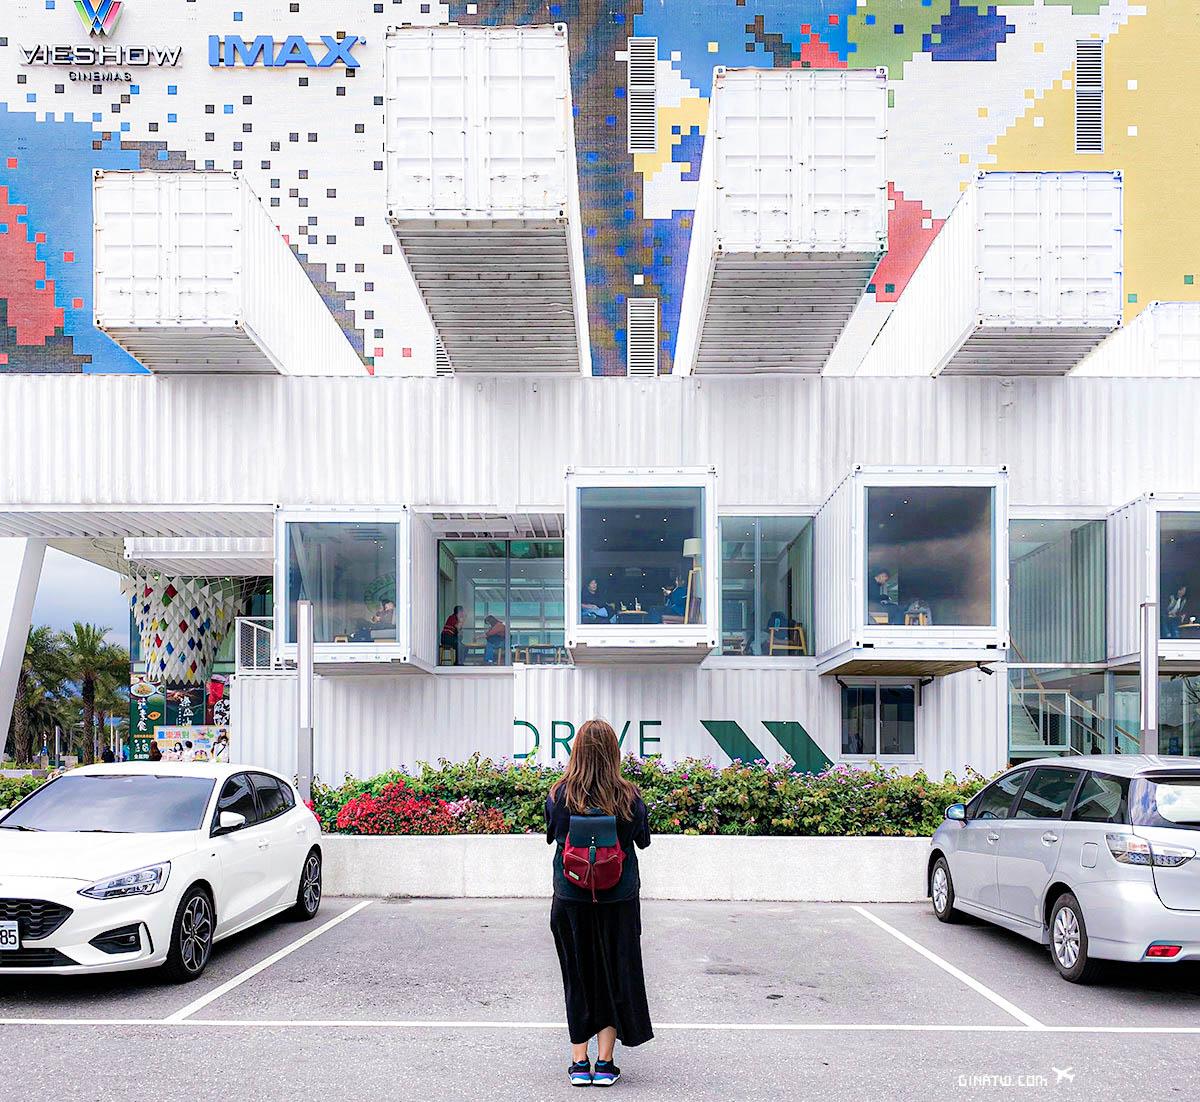 【花蓮星巴克貨櫃屋】STARBUCKS 星巴克洄瀾門市|交通方式、地址、停車場|ROCK PARK樂客創意市集 @GINA環球旅行生活|不會韓文也可以去韓國 🇹🇼